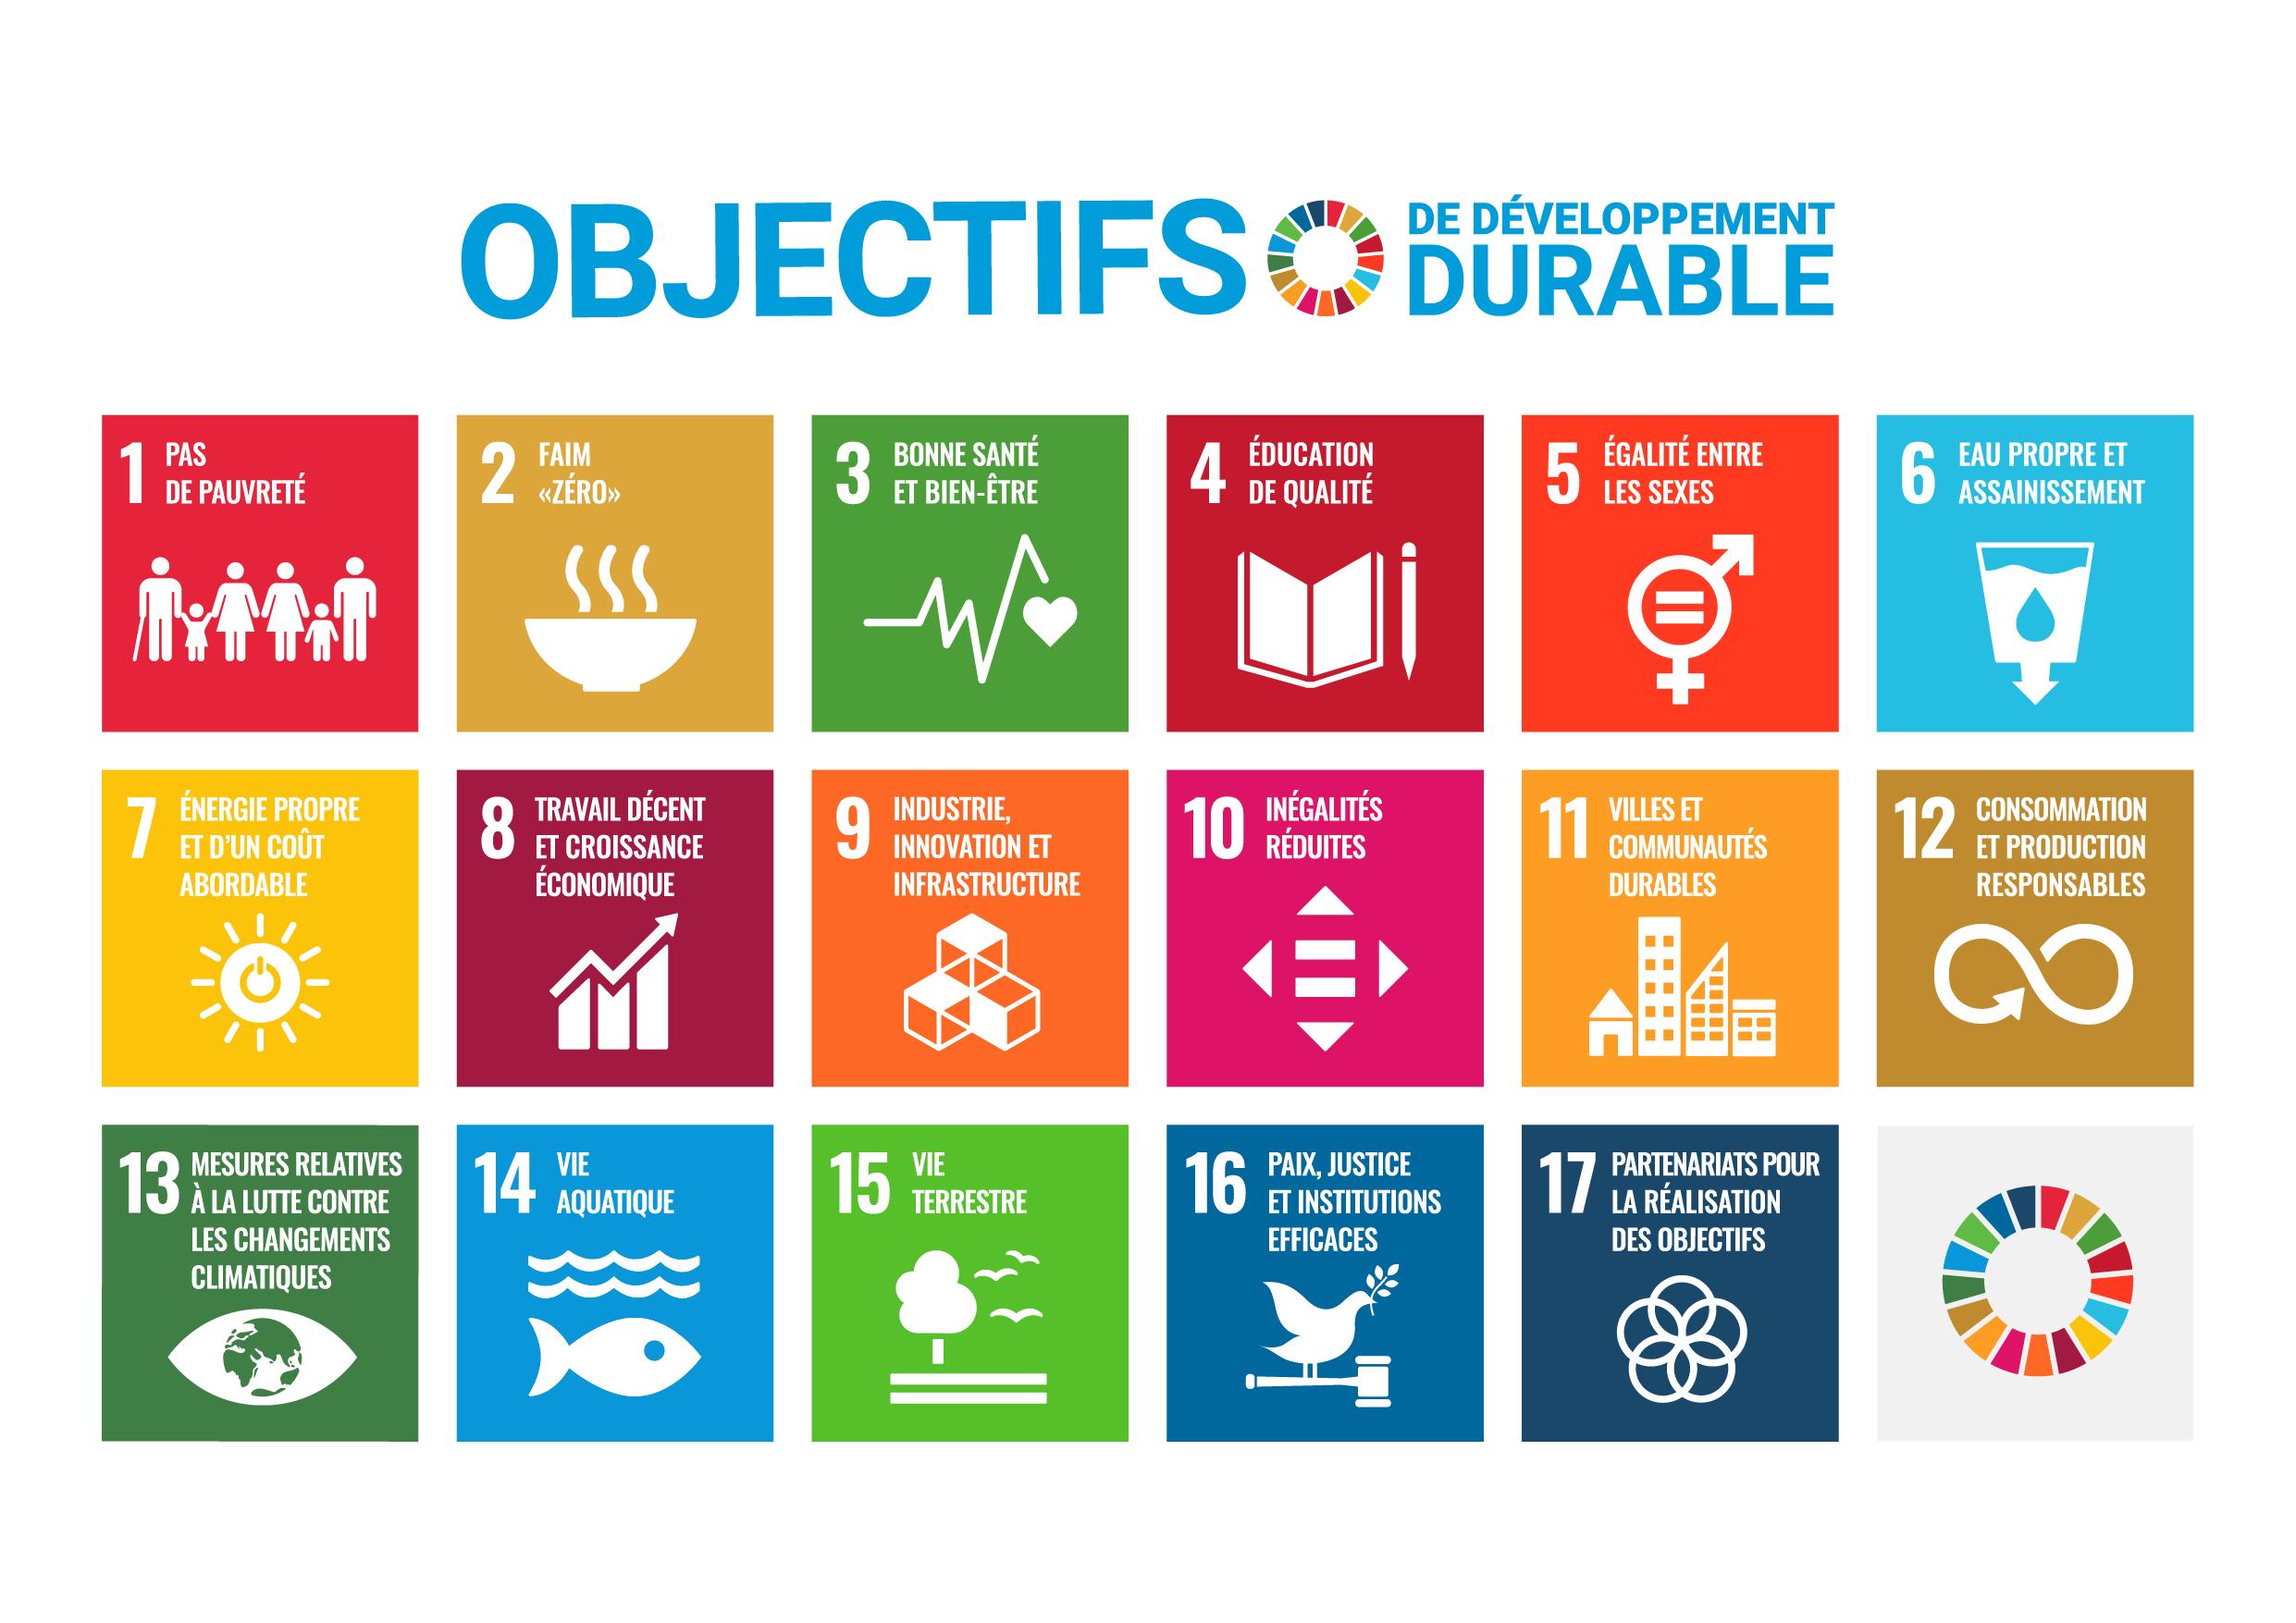 Objectifs développement durable (ODD)